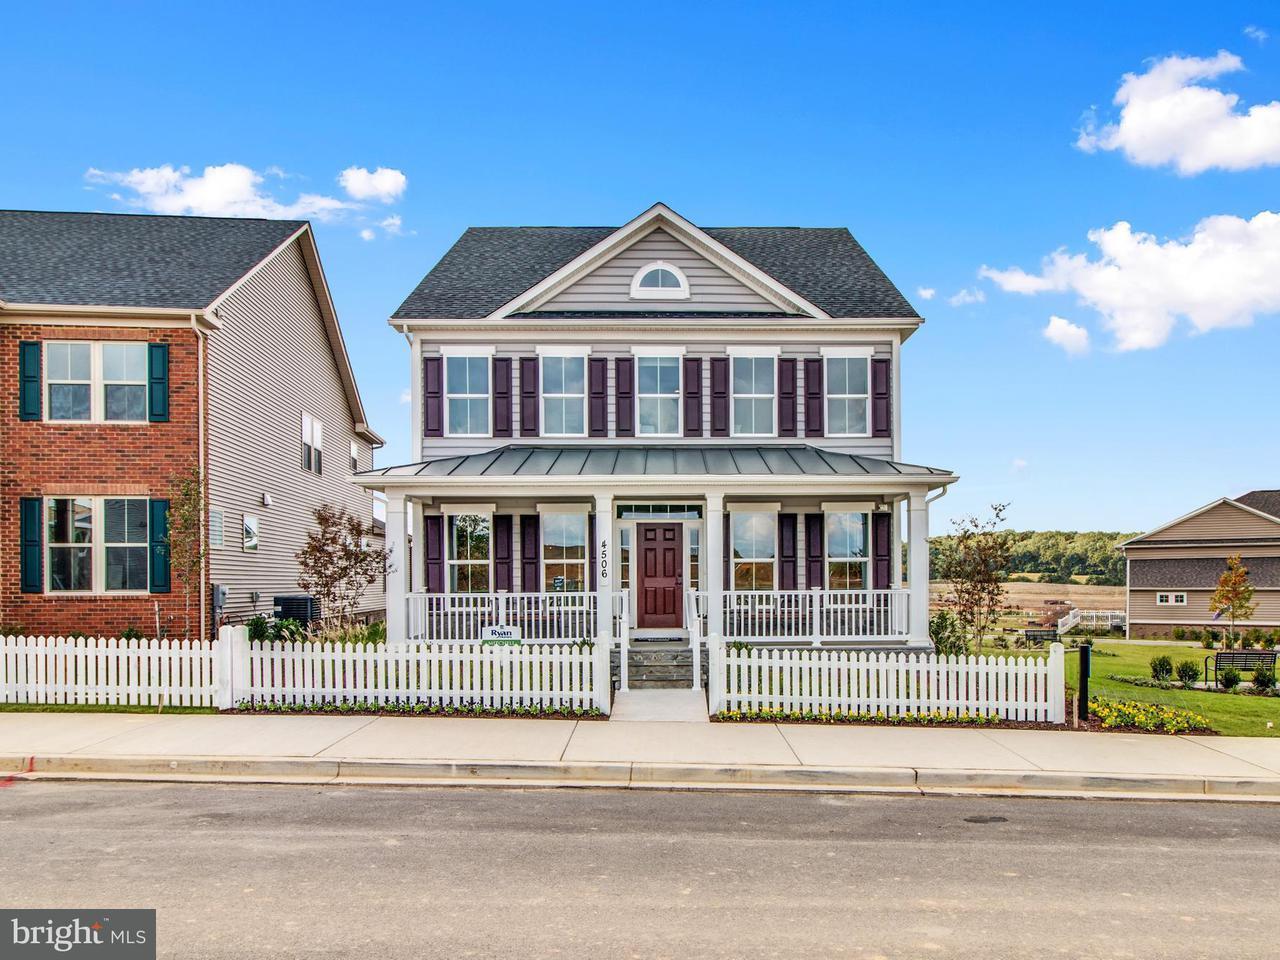 단독 가정 주택 용 매매 에 4304 Arbor Road 4304 Arbor Road Burtonsville, 메릴랜드 20866 미국